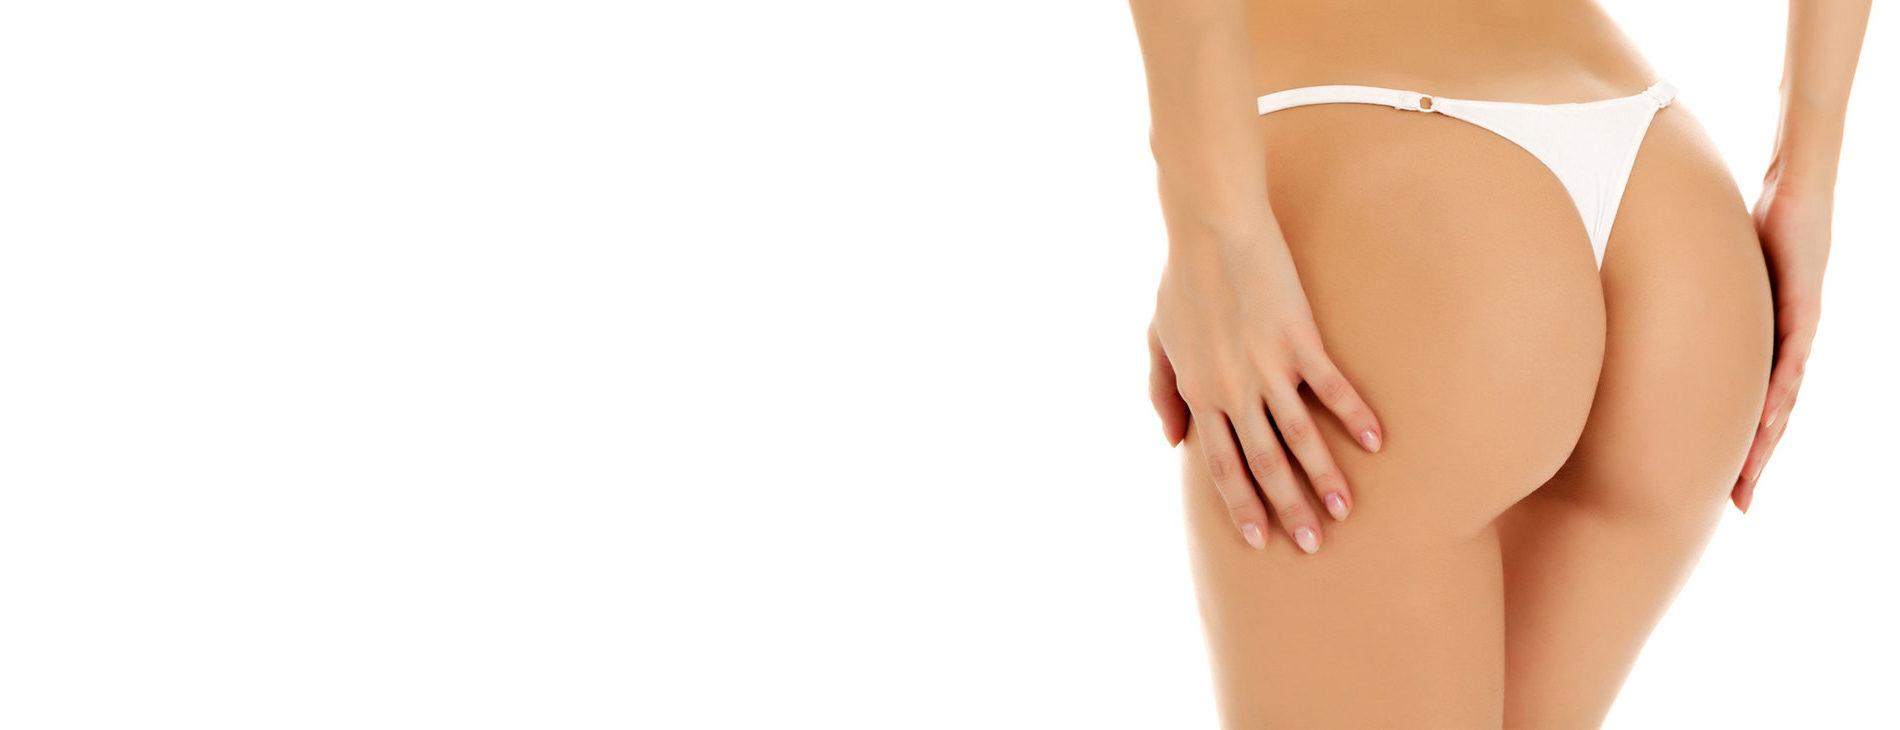 Rf-лифтинг тела: коррекция фигуры, подтяжка кожи, разглаживание растяжек, устранение целлюлита